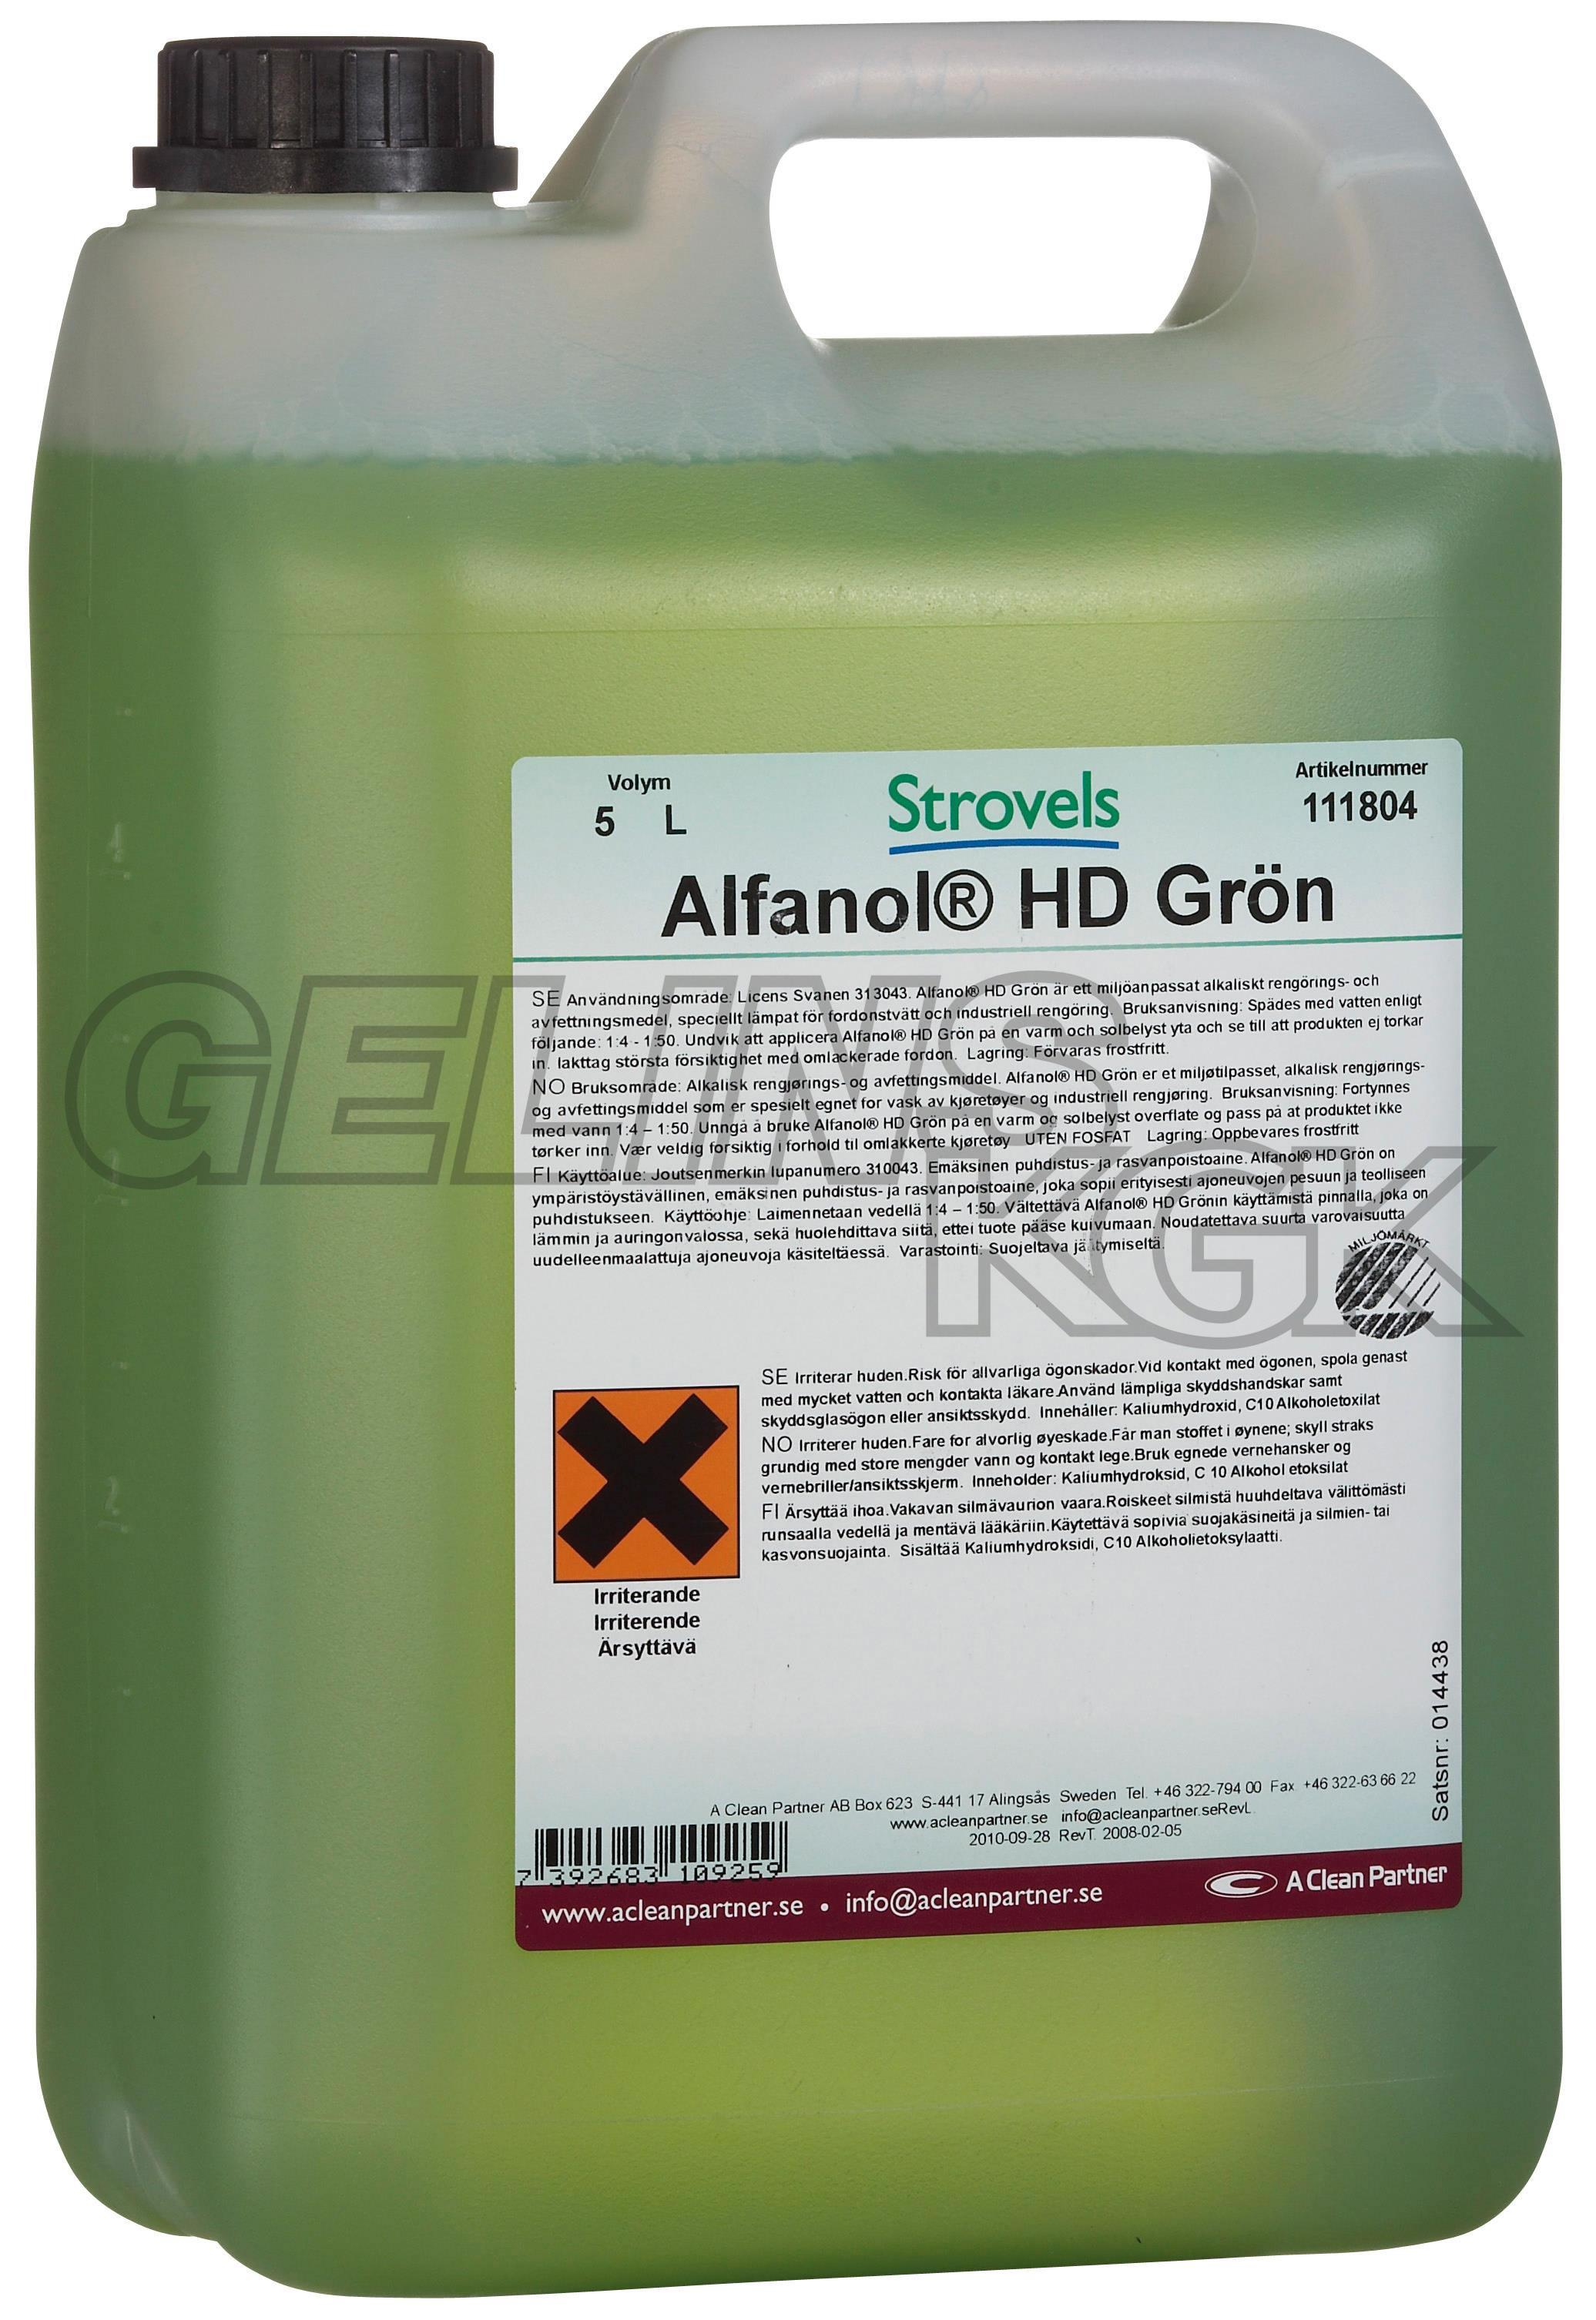 ALFANOL HD GRÖN 5 L